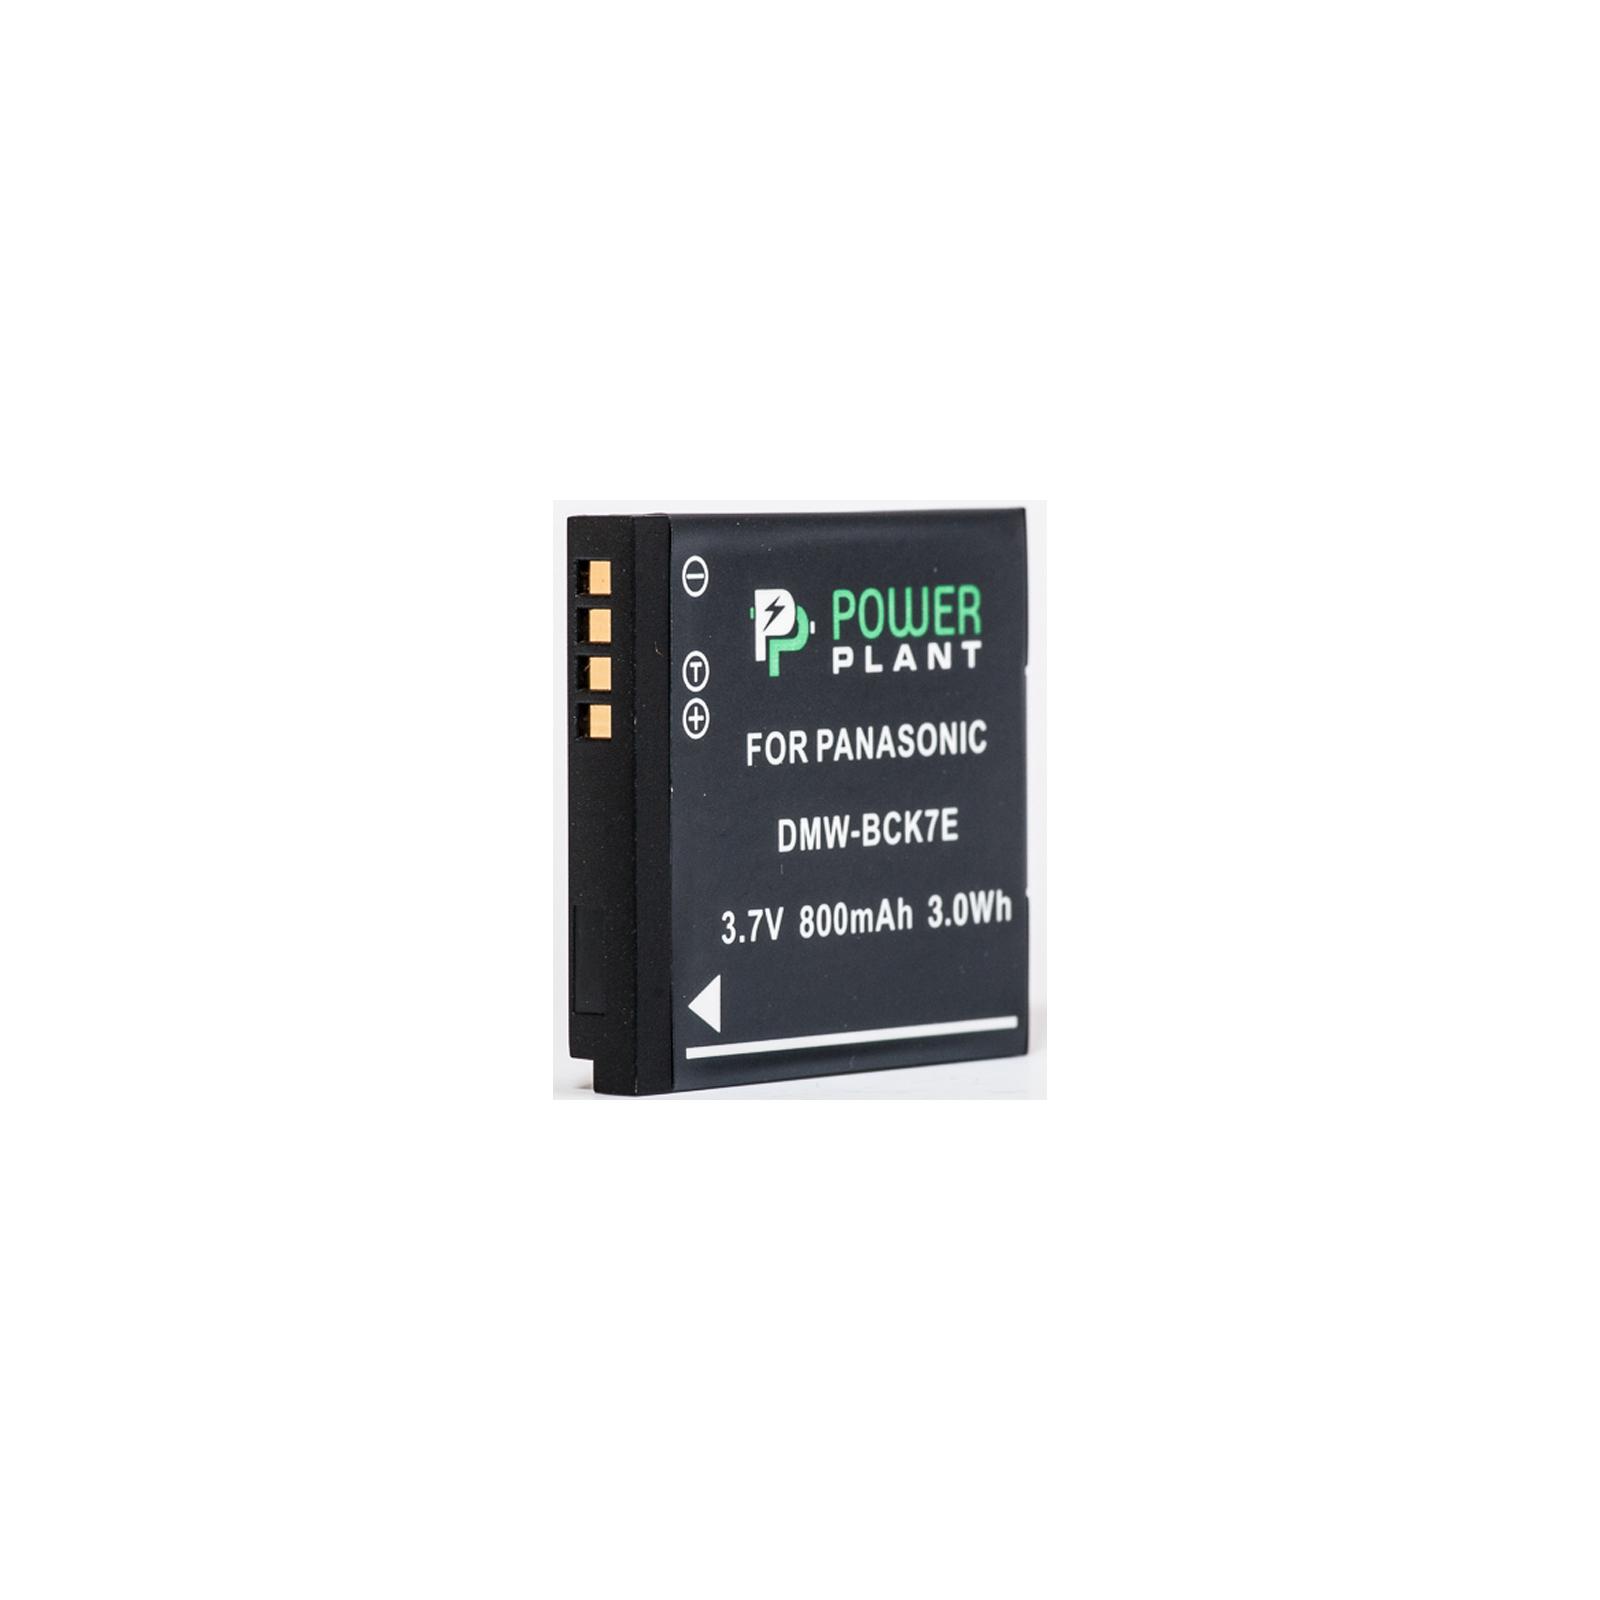 Аккумулятор к фото/видео PowerPlant Panasonic DMW-BCK7E (DV00DV1301)